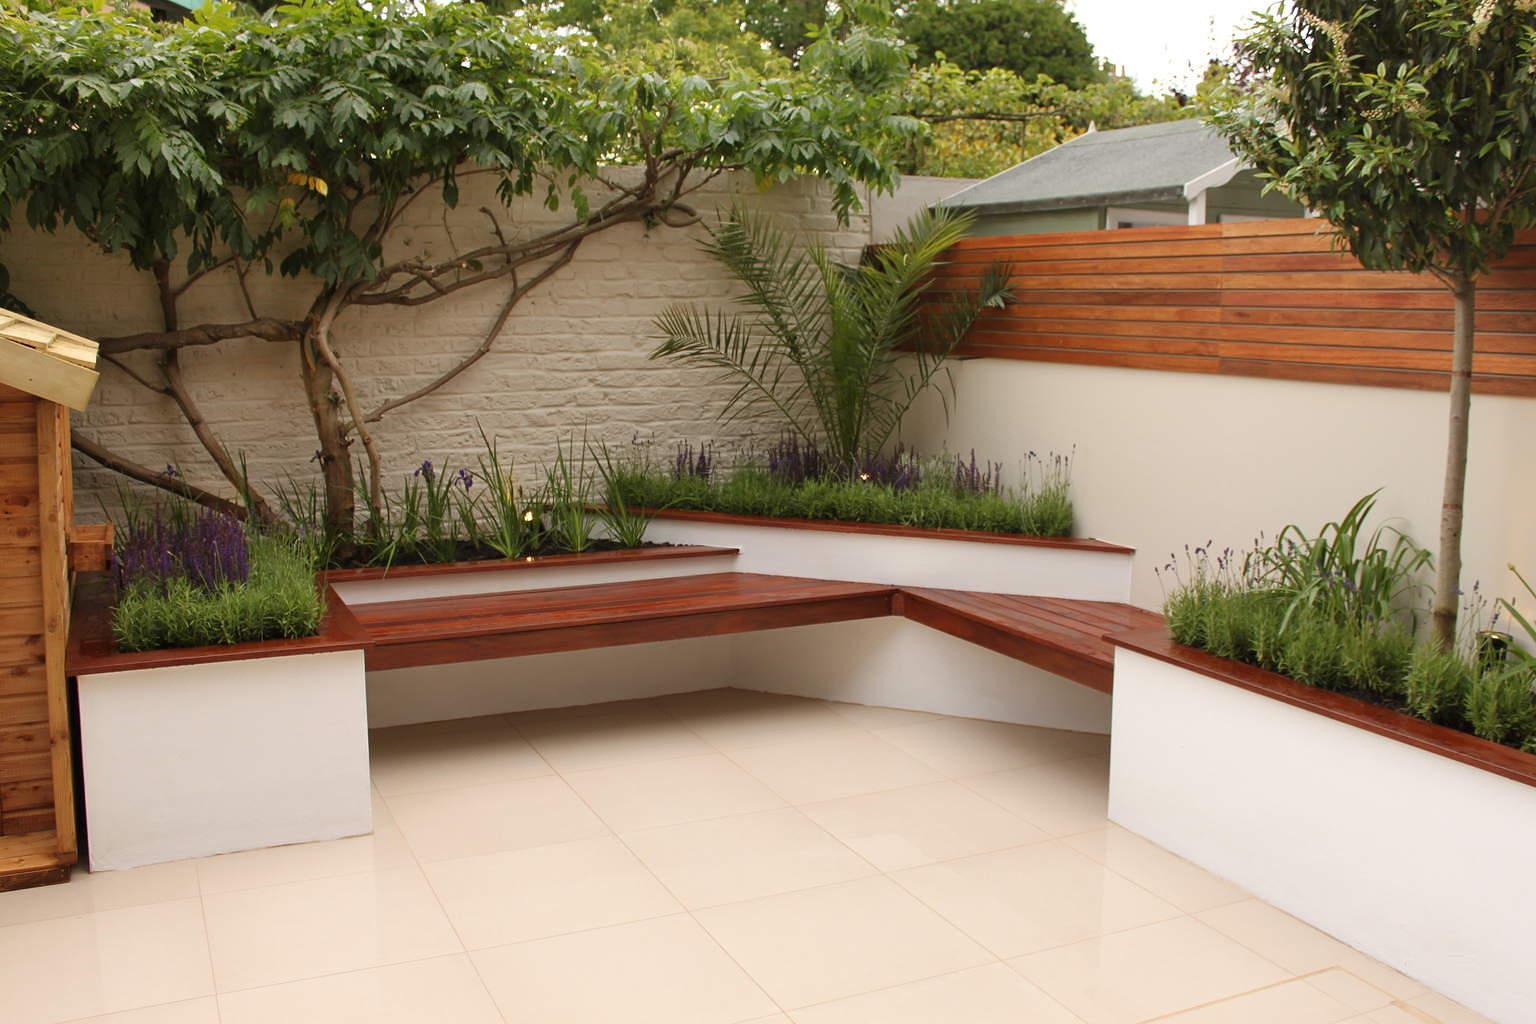 طراحی باغچه های کوچک با ایده های ارزان